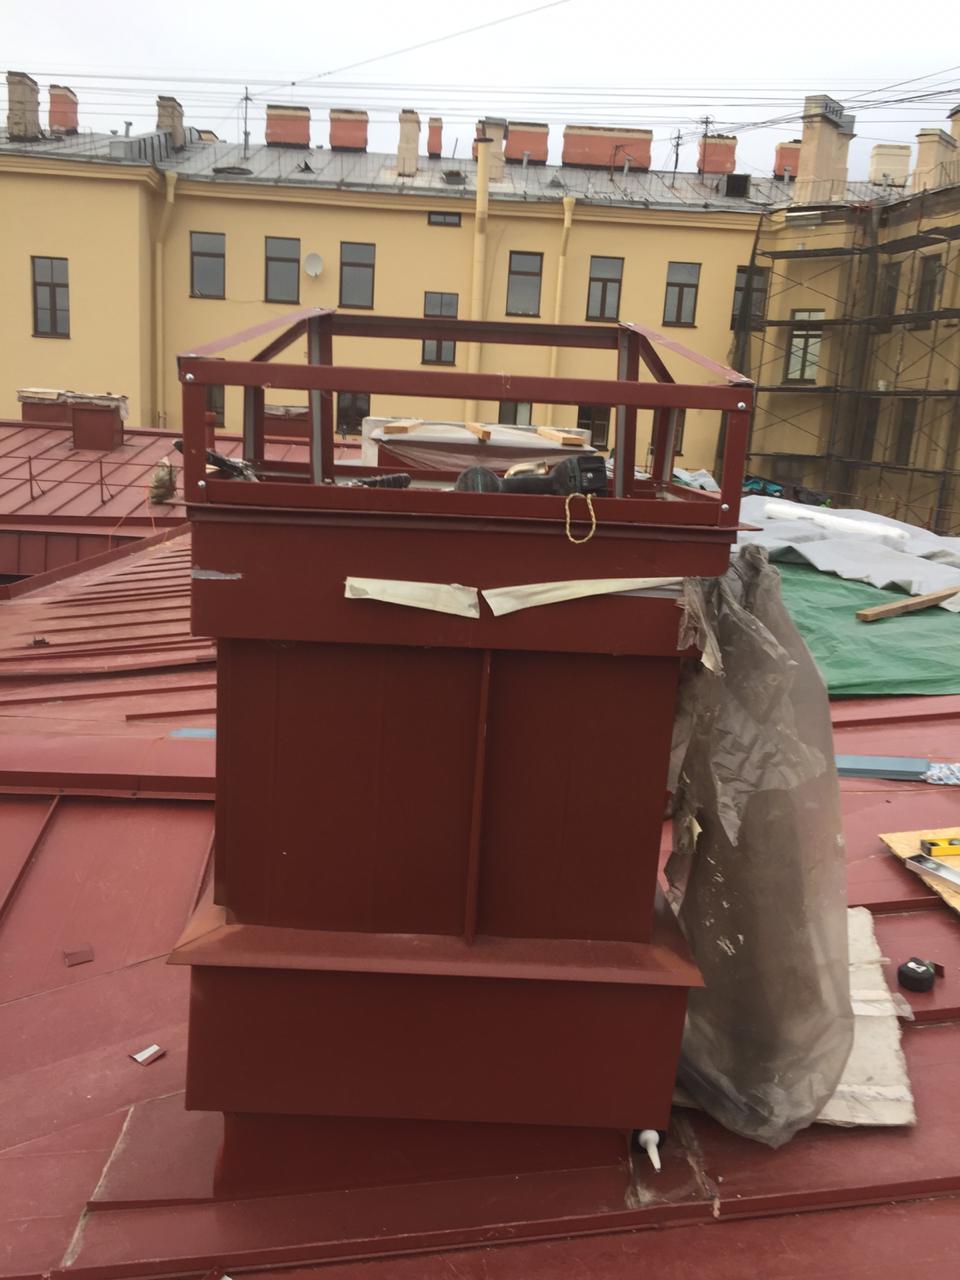 Цена монтажа вентиляционных каналов кровли здания в Петербурге